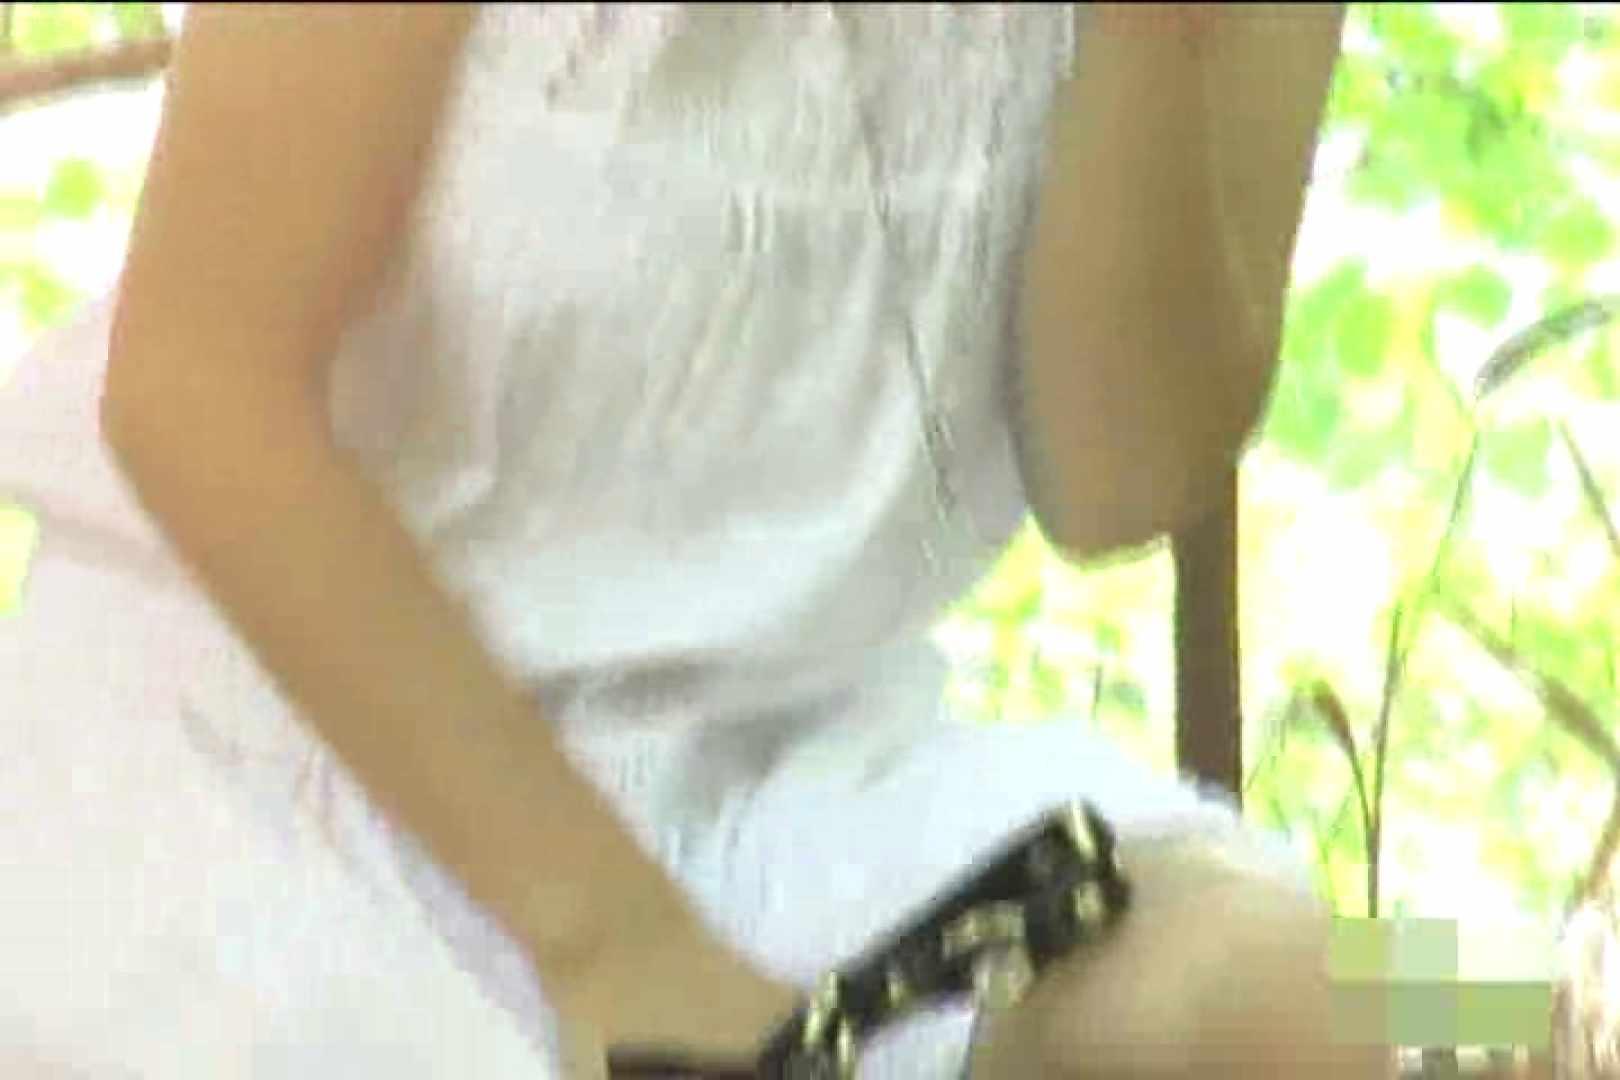 検証!隠し撮りスカートめくり!!Vol.8 ミニスカート  108画像 78